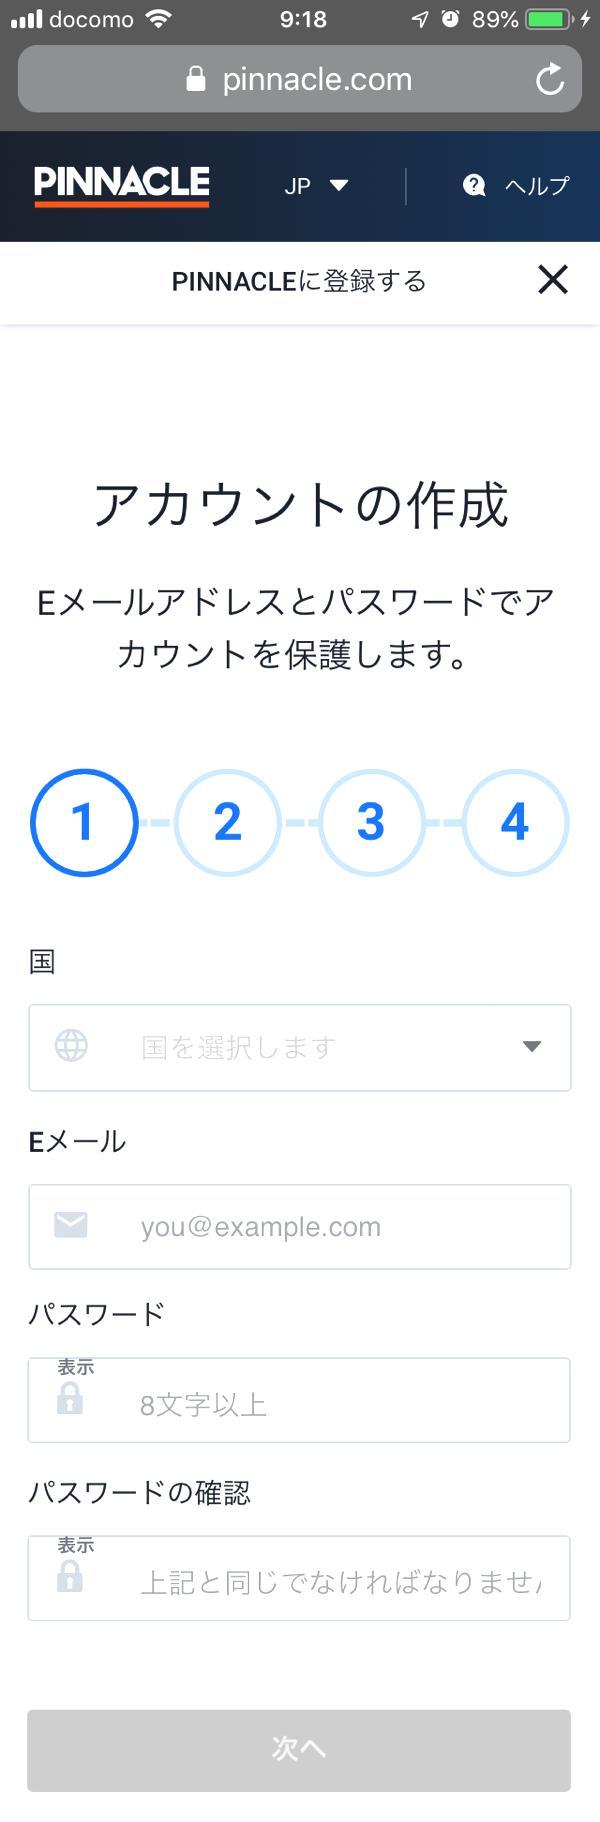 ピナクルカジノ 登録方法 スマホ 2